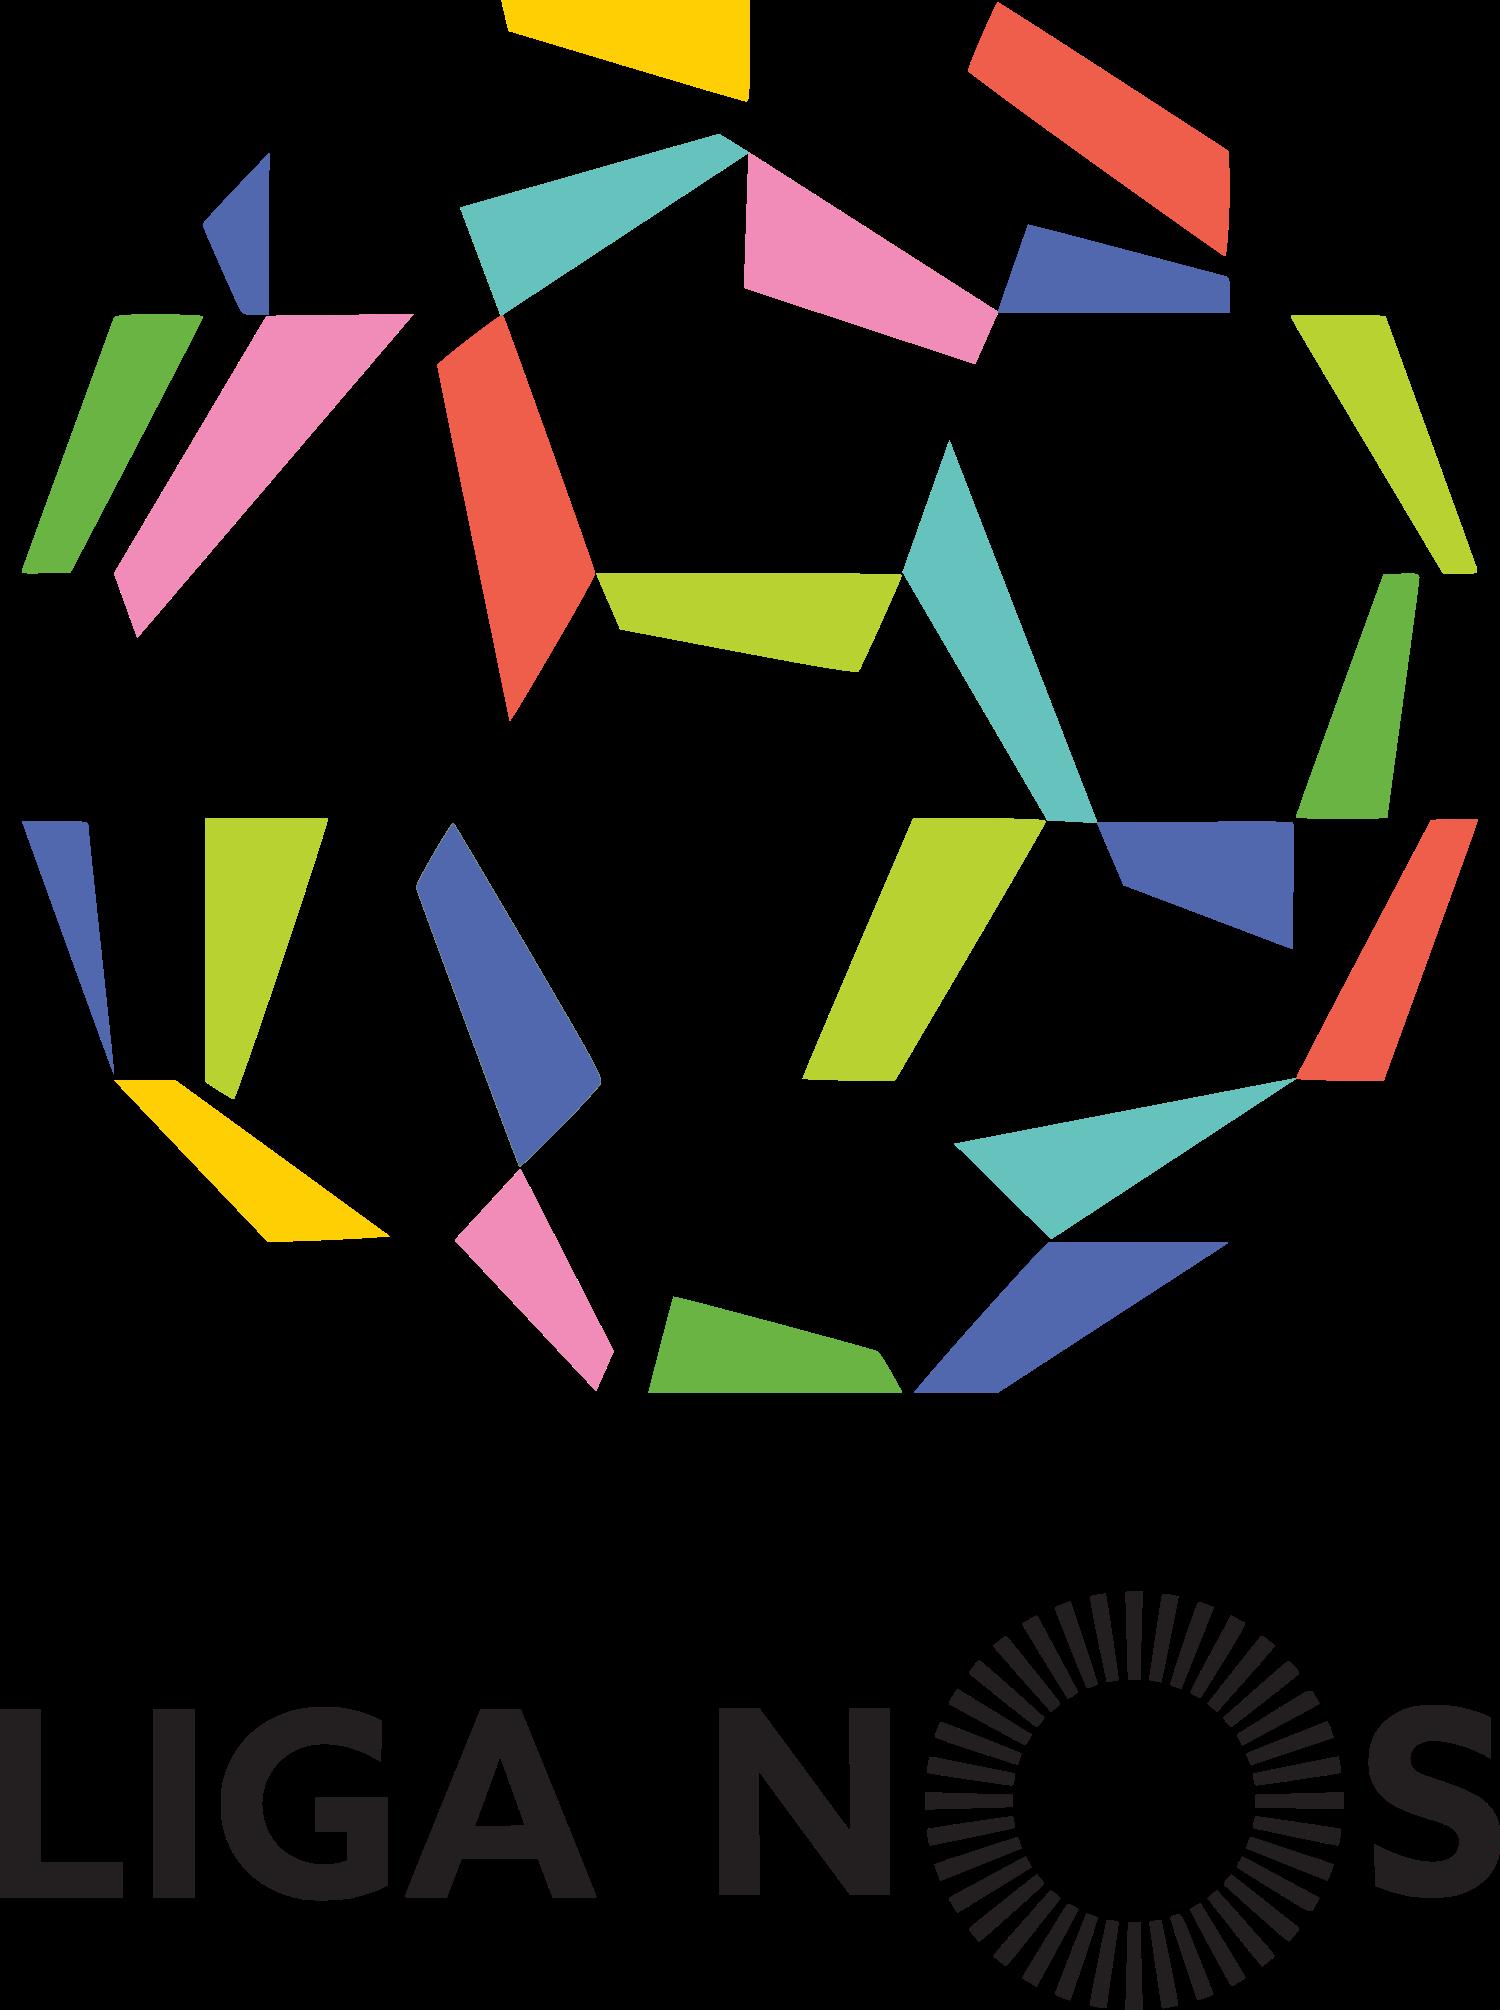 葡萄牙超级联赛